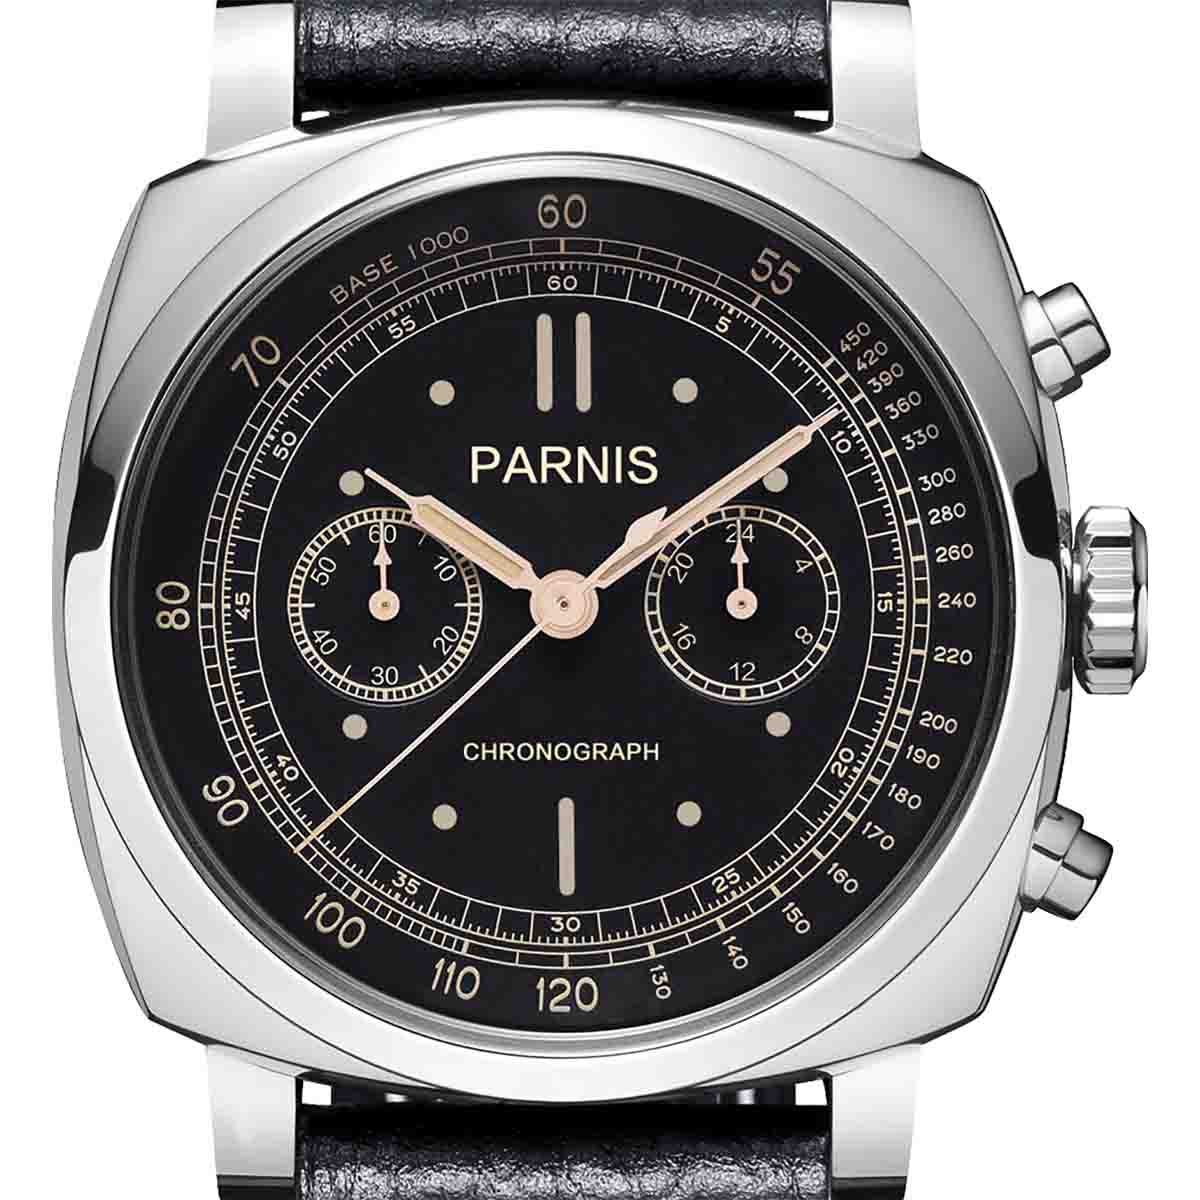 【残り1点】【NEW】PARNIS パーニス クォーツ 腕時計 [PA6046-B-S5EL-BKsvBKw] 並行輸入品 純正ケース メーカー保証12ヶ月